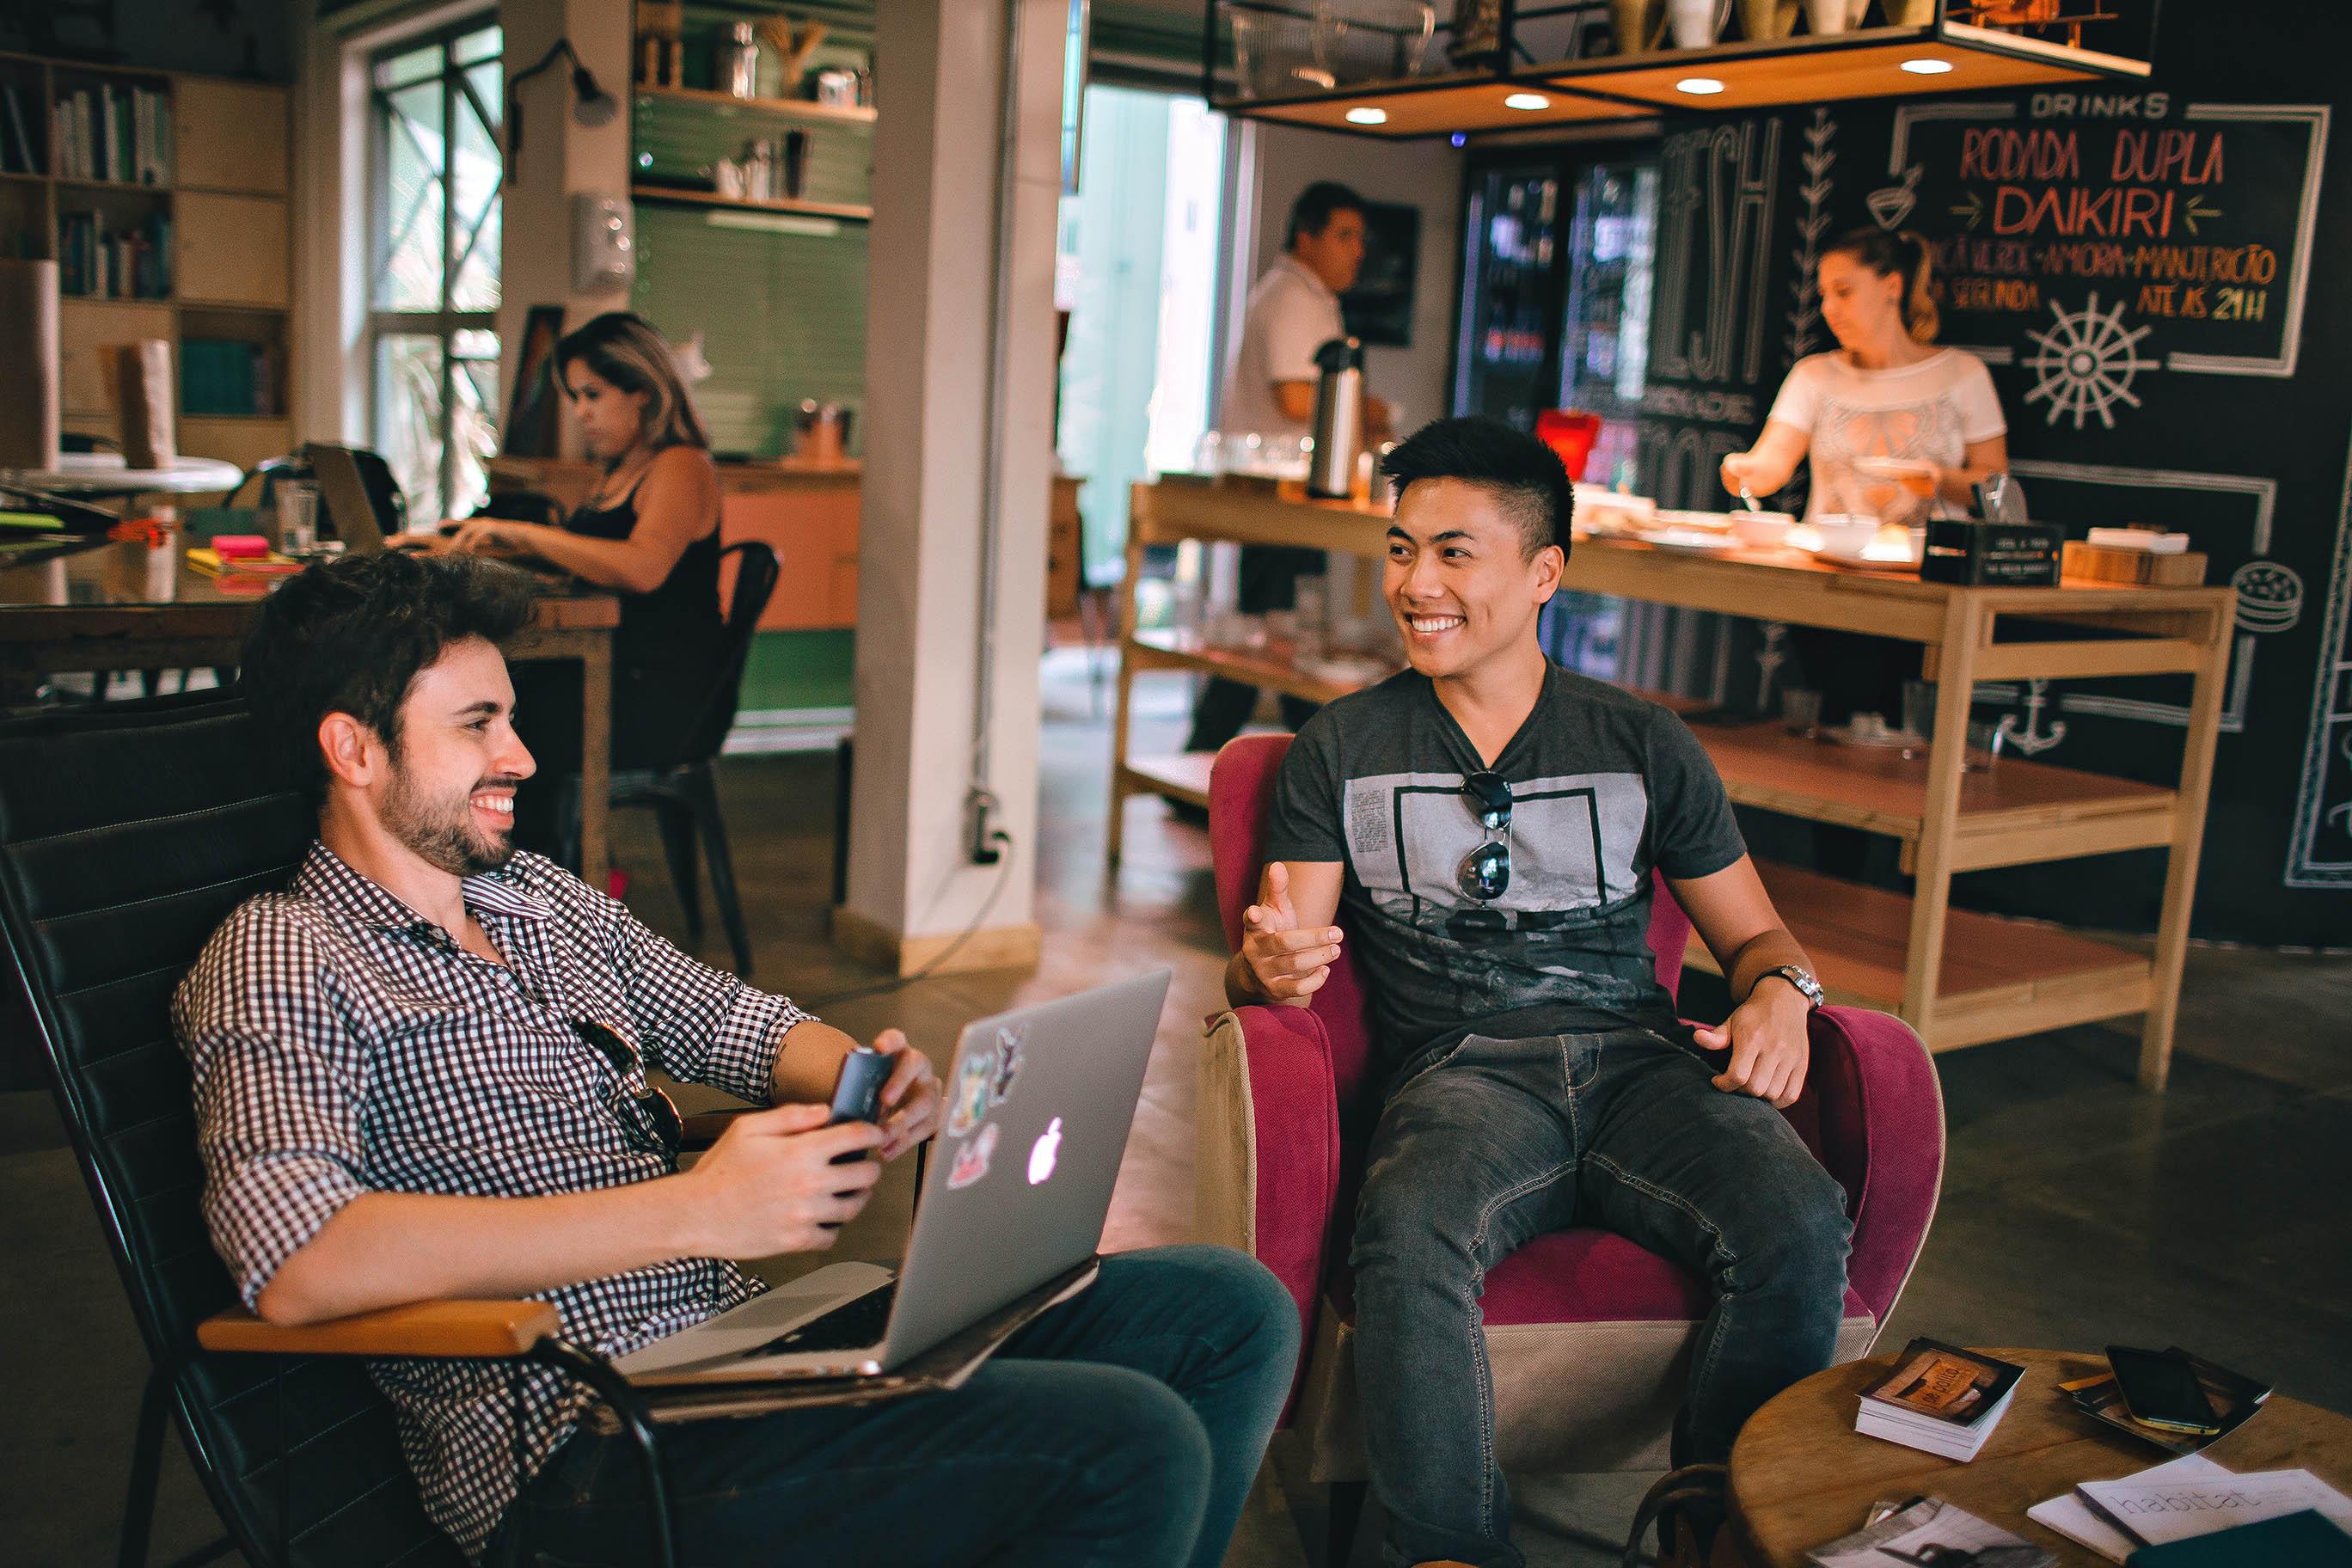 deux hommes installés dans des fauteuils, l'un avec un ordinateur orthographiq